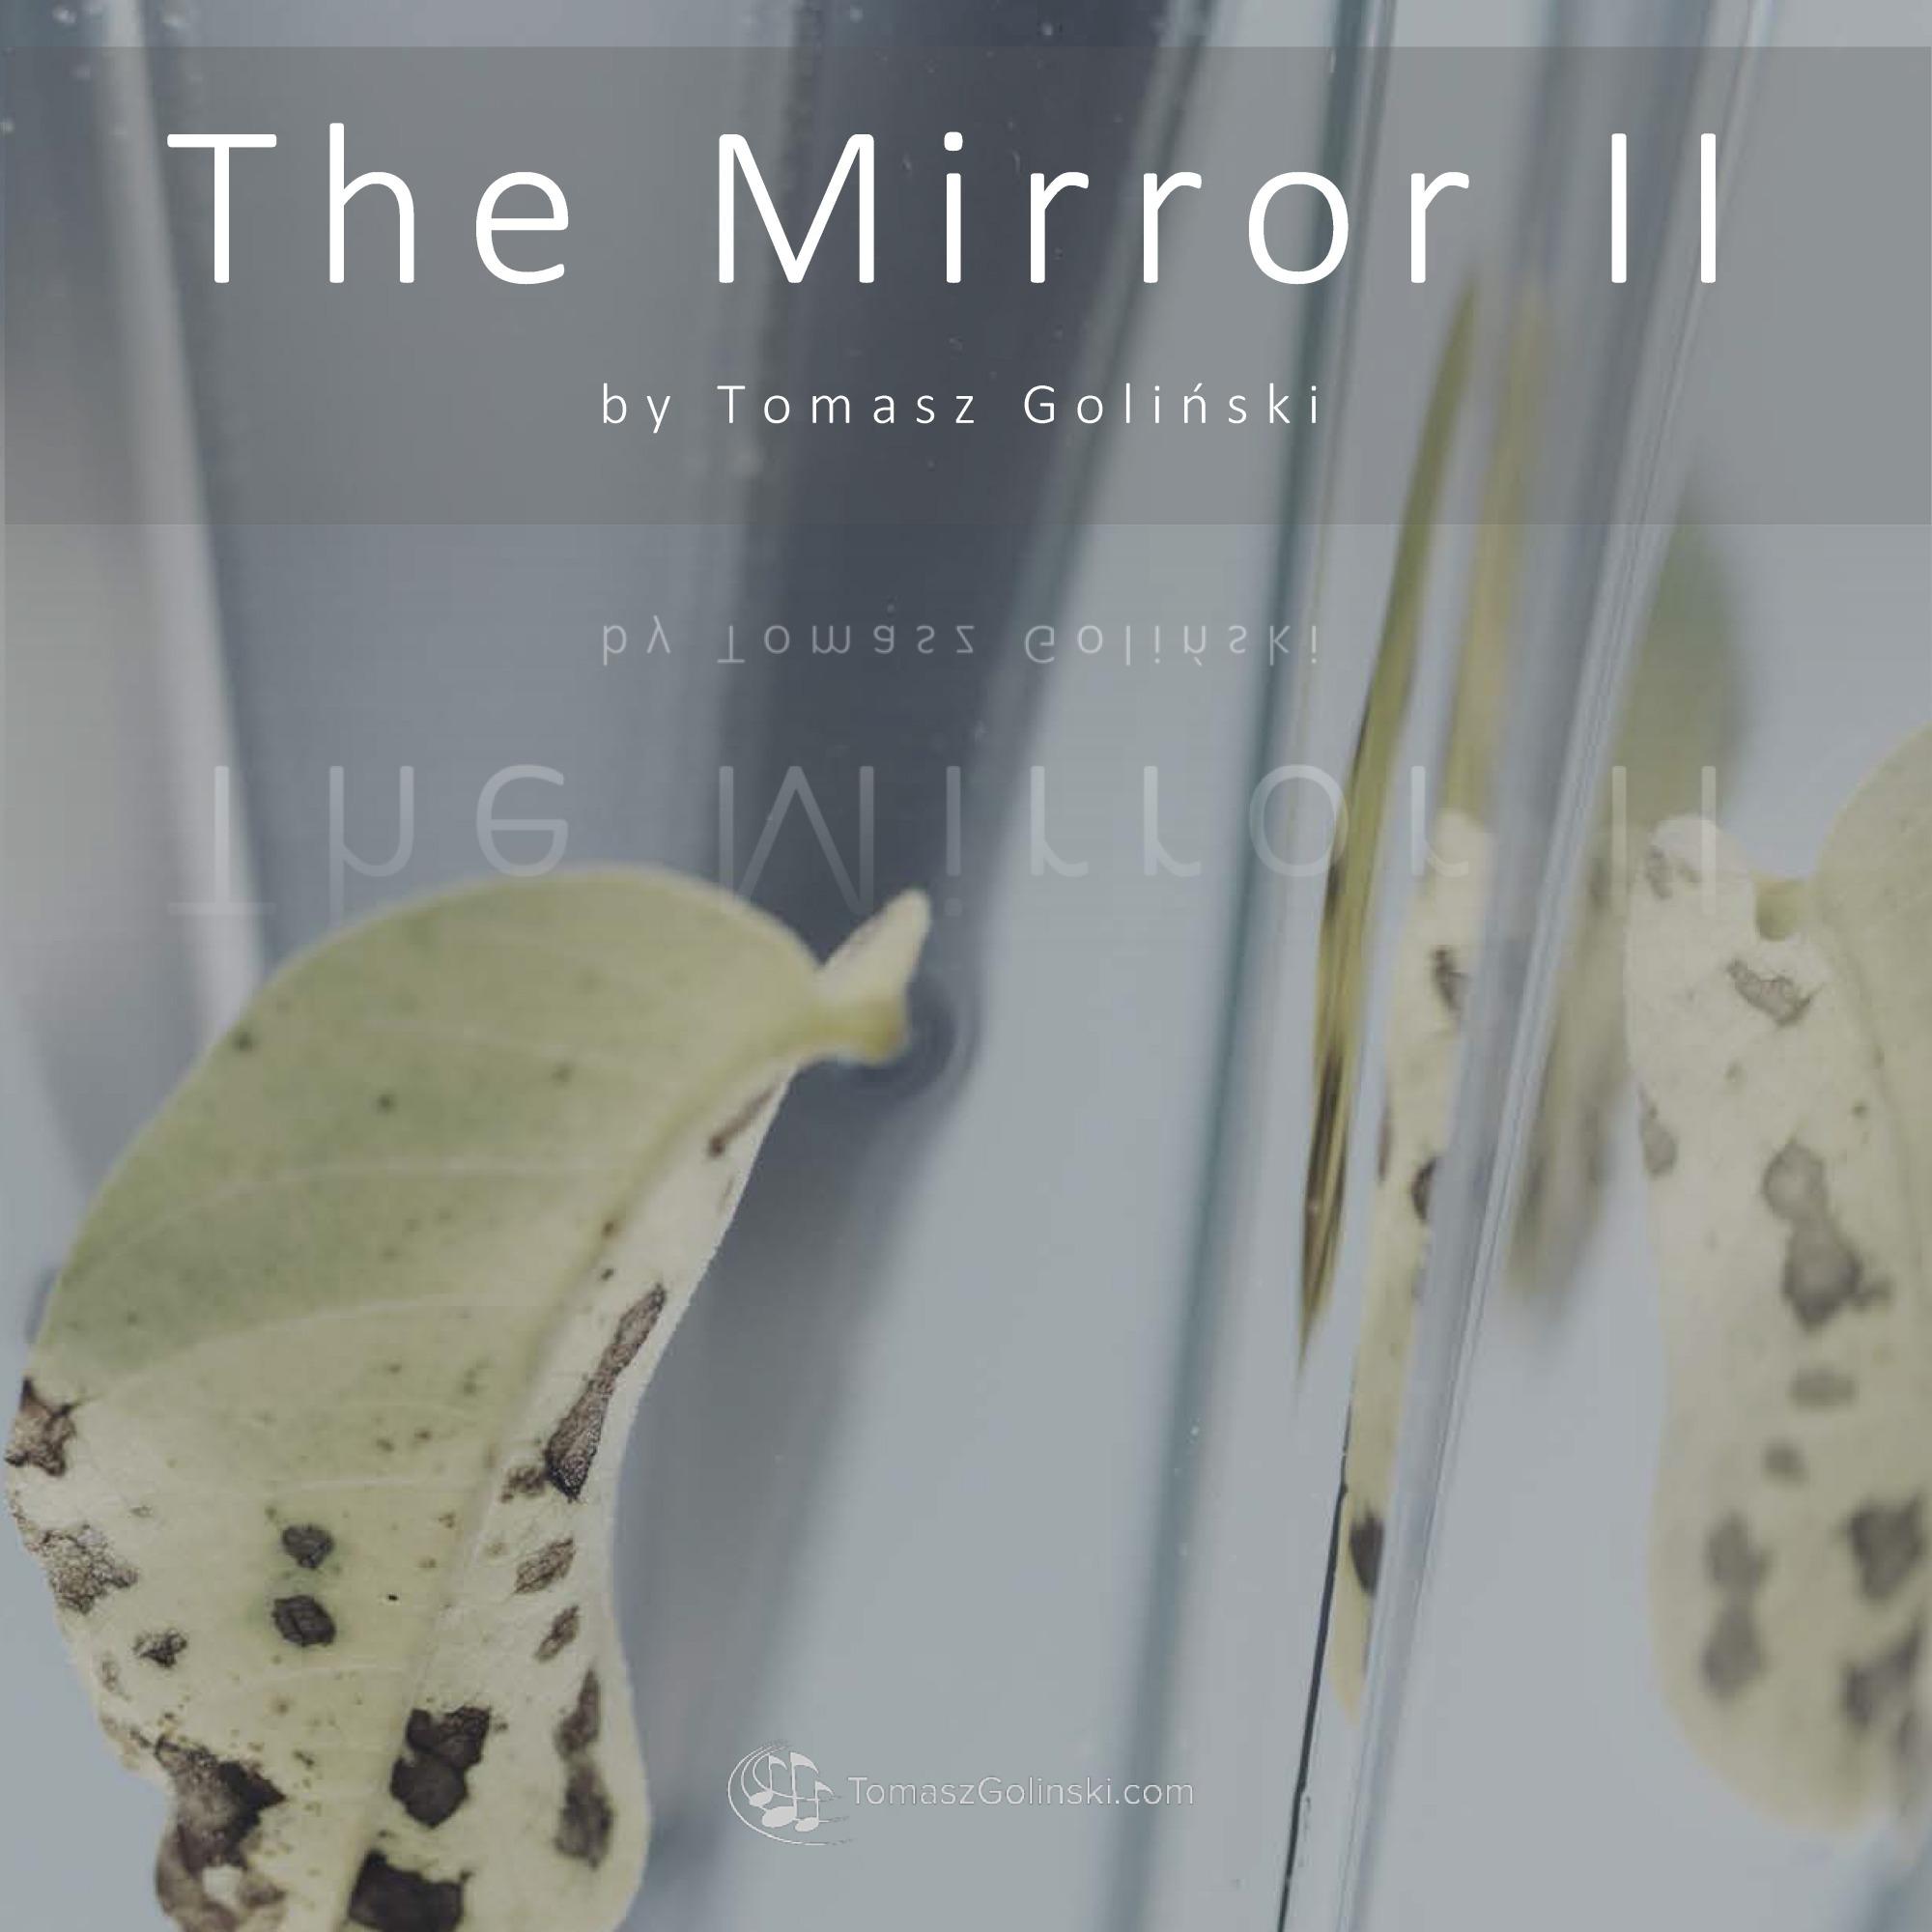 The Mirror II